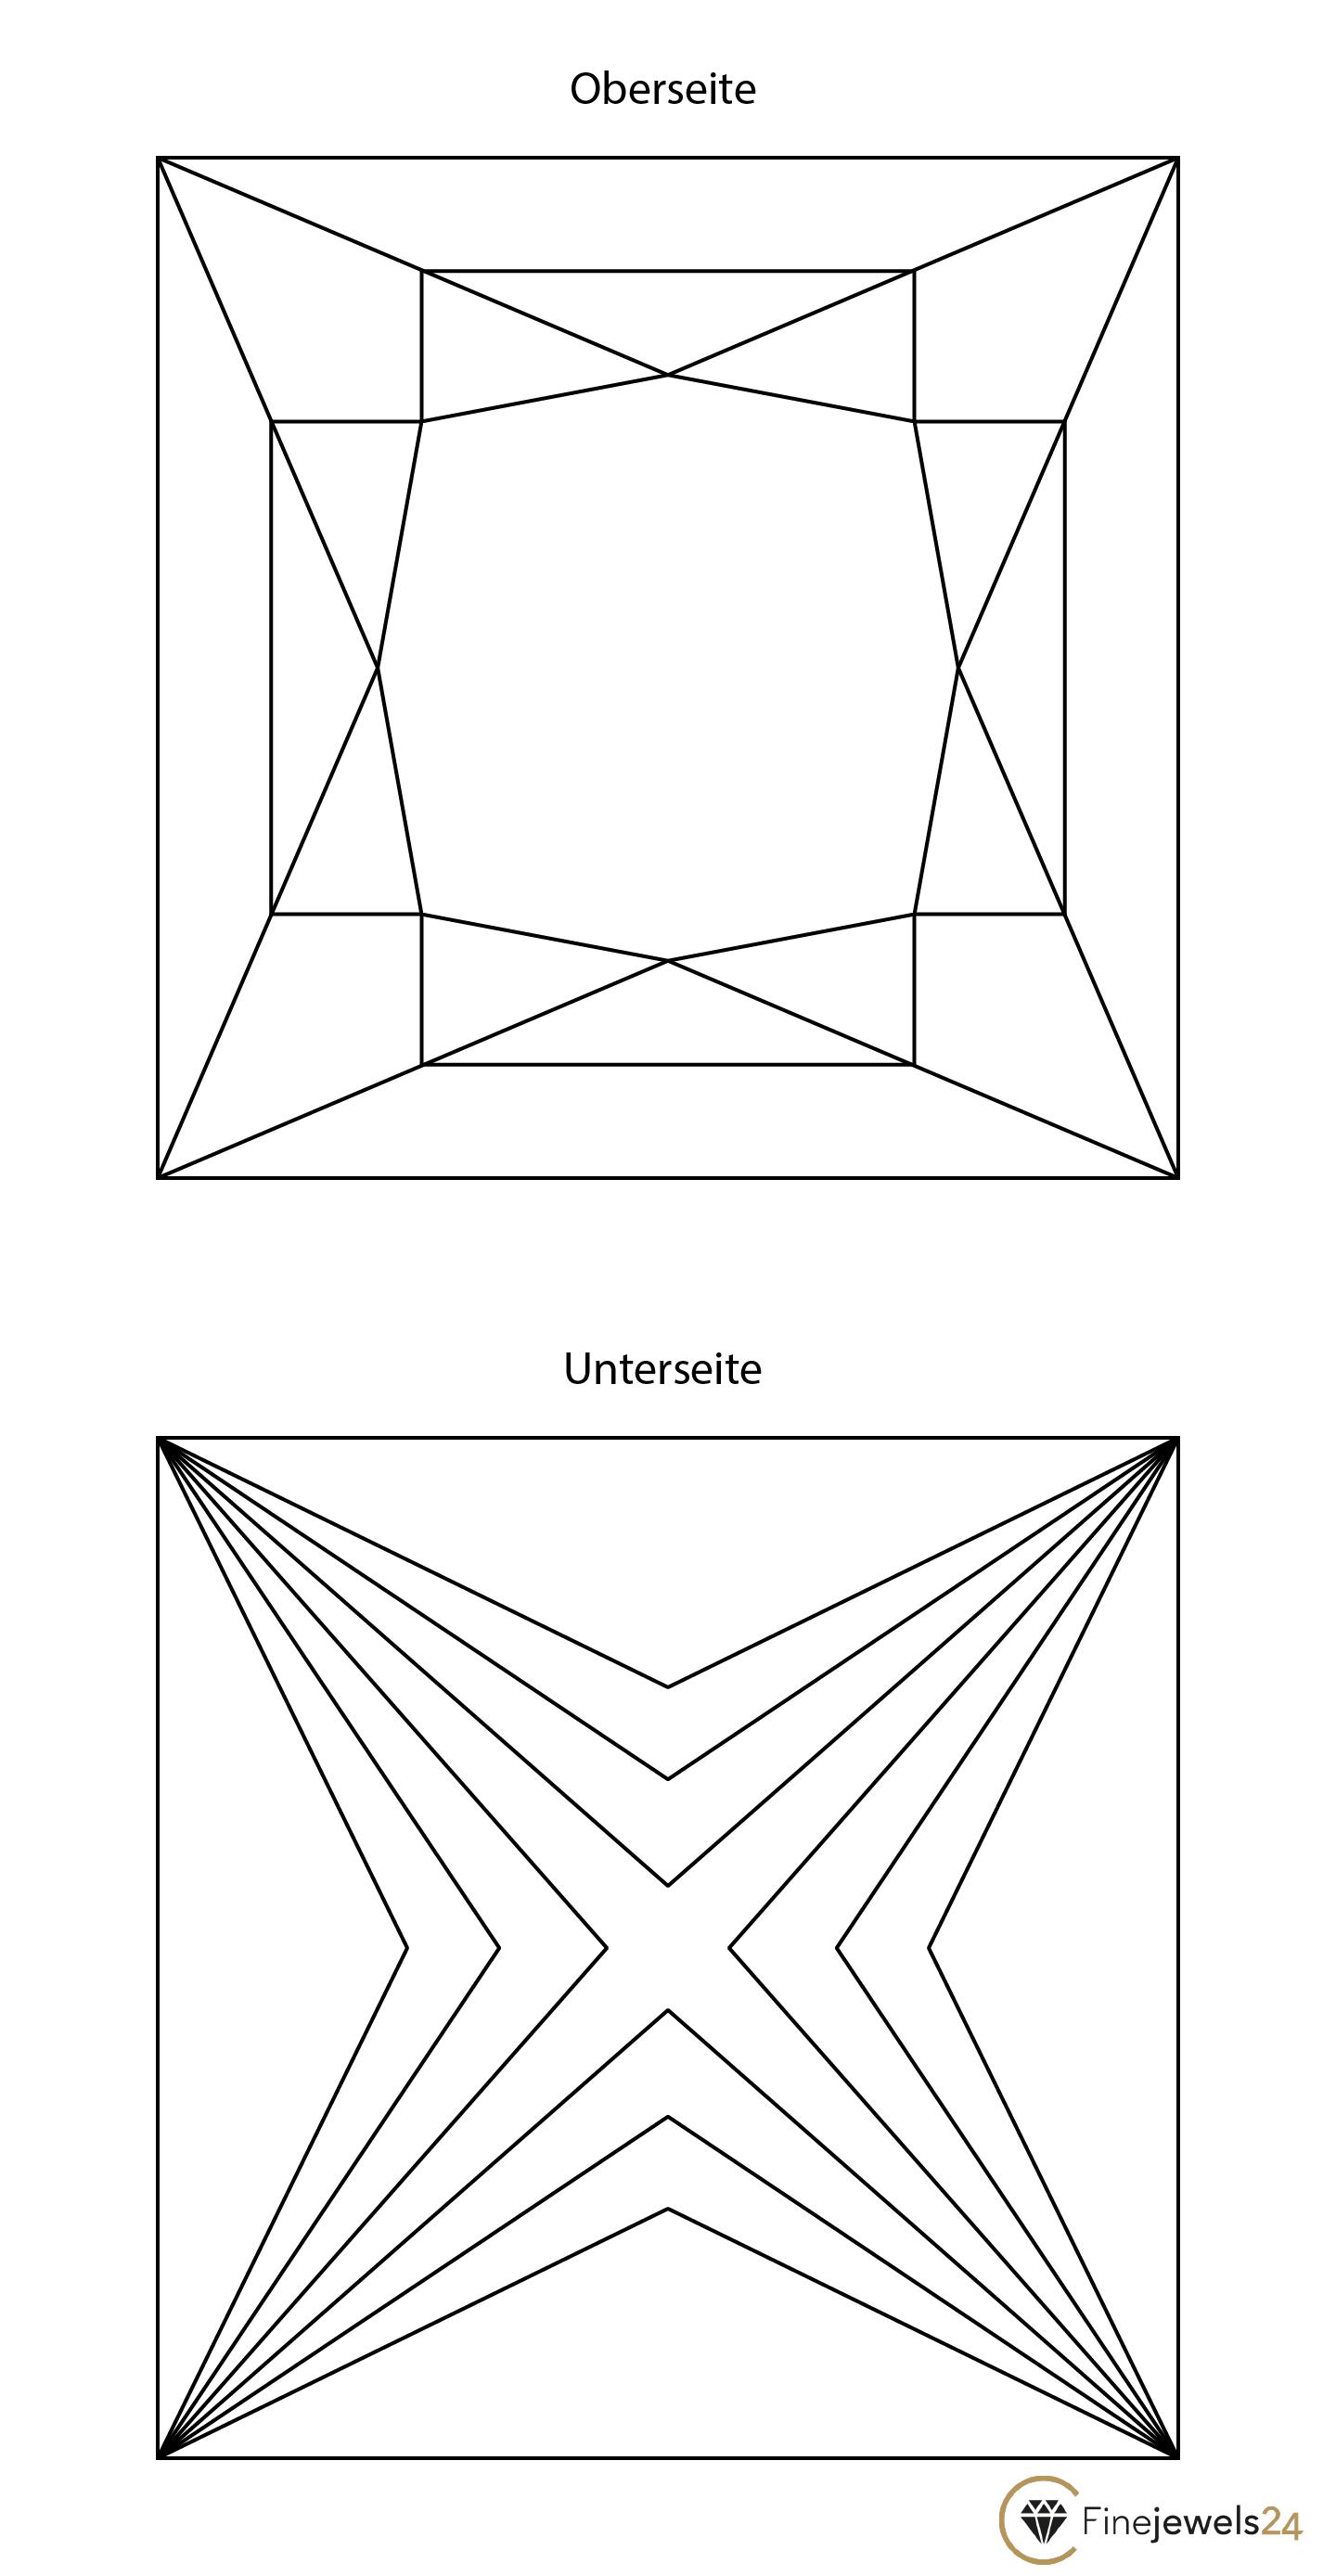 Prinzessschliff Oberseite und Unterseite